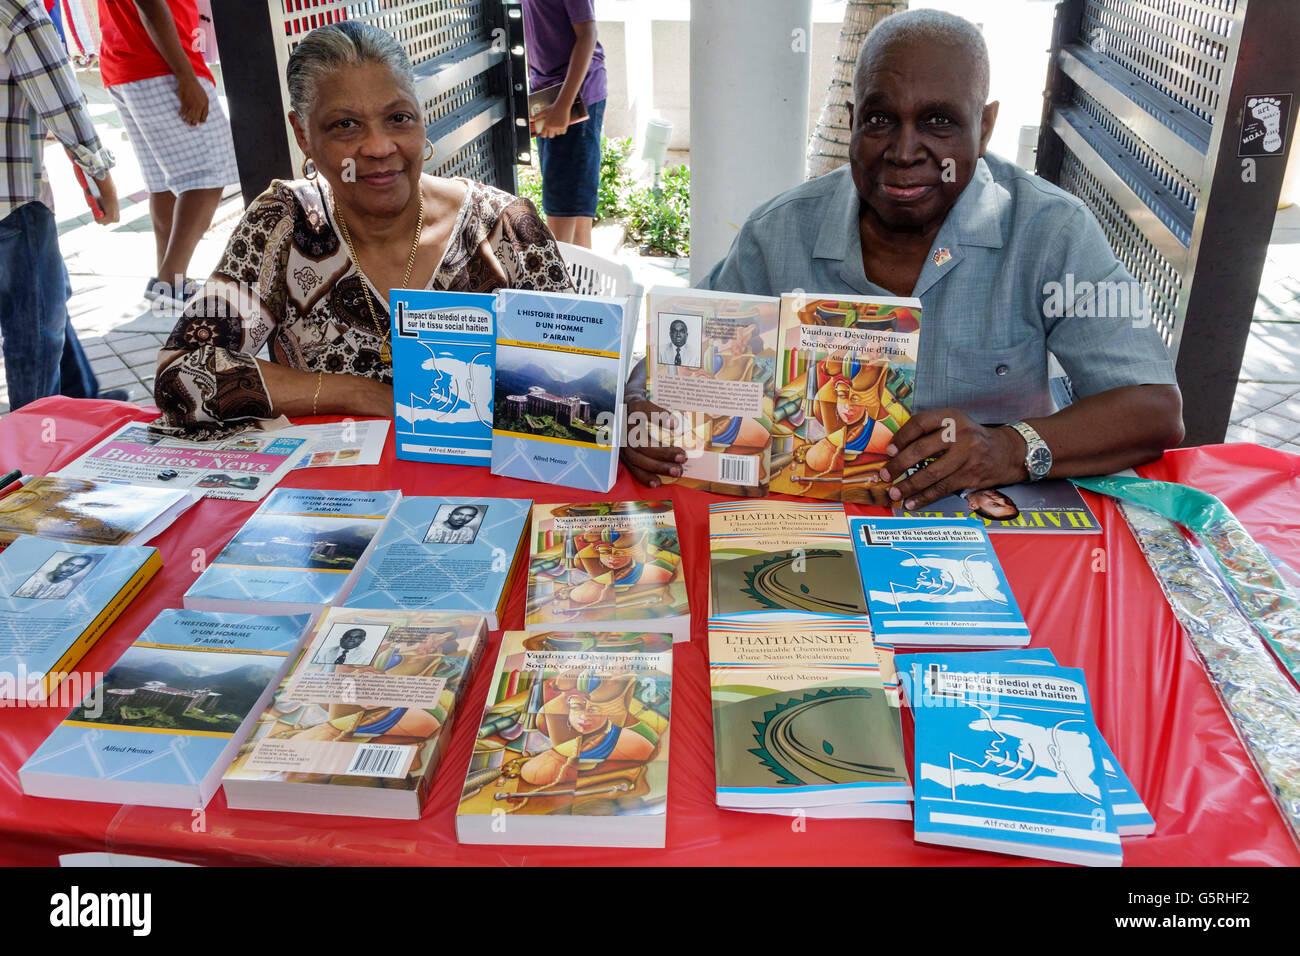 Miami Florida Little Haiti Cultural Center center Haitian-Caribbean Book Fair annual event author exhibitor vendor - Stock Image